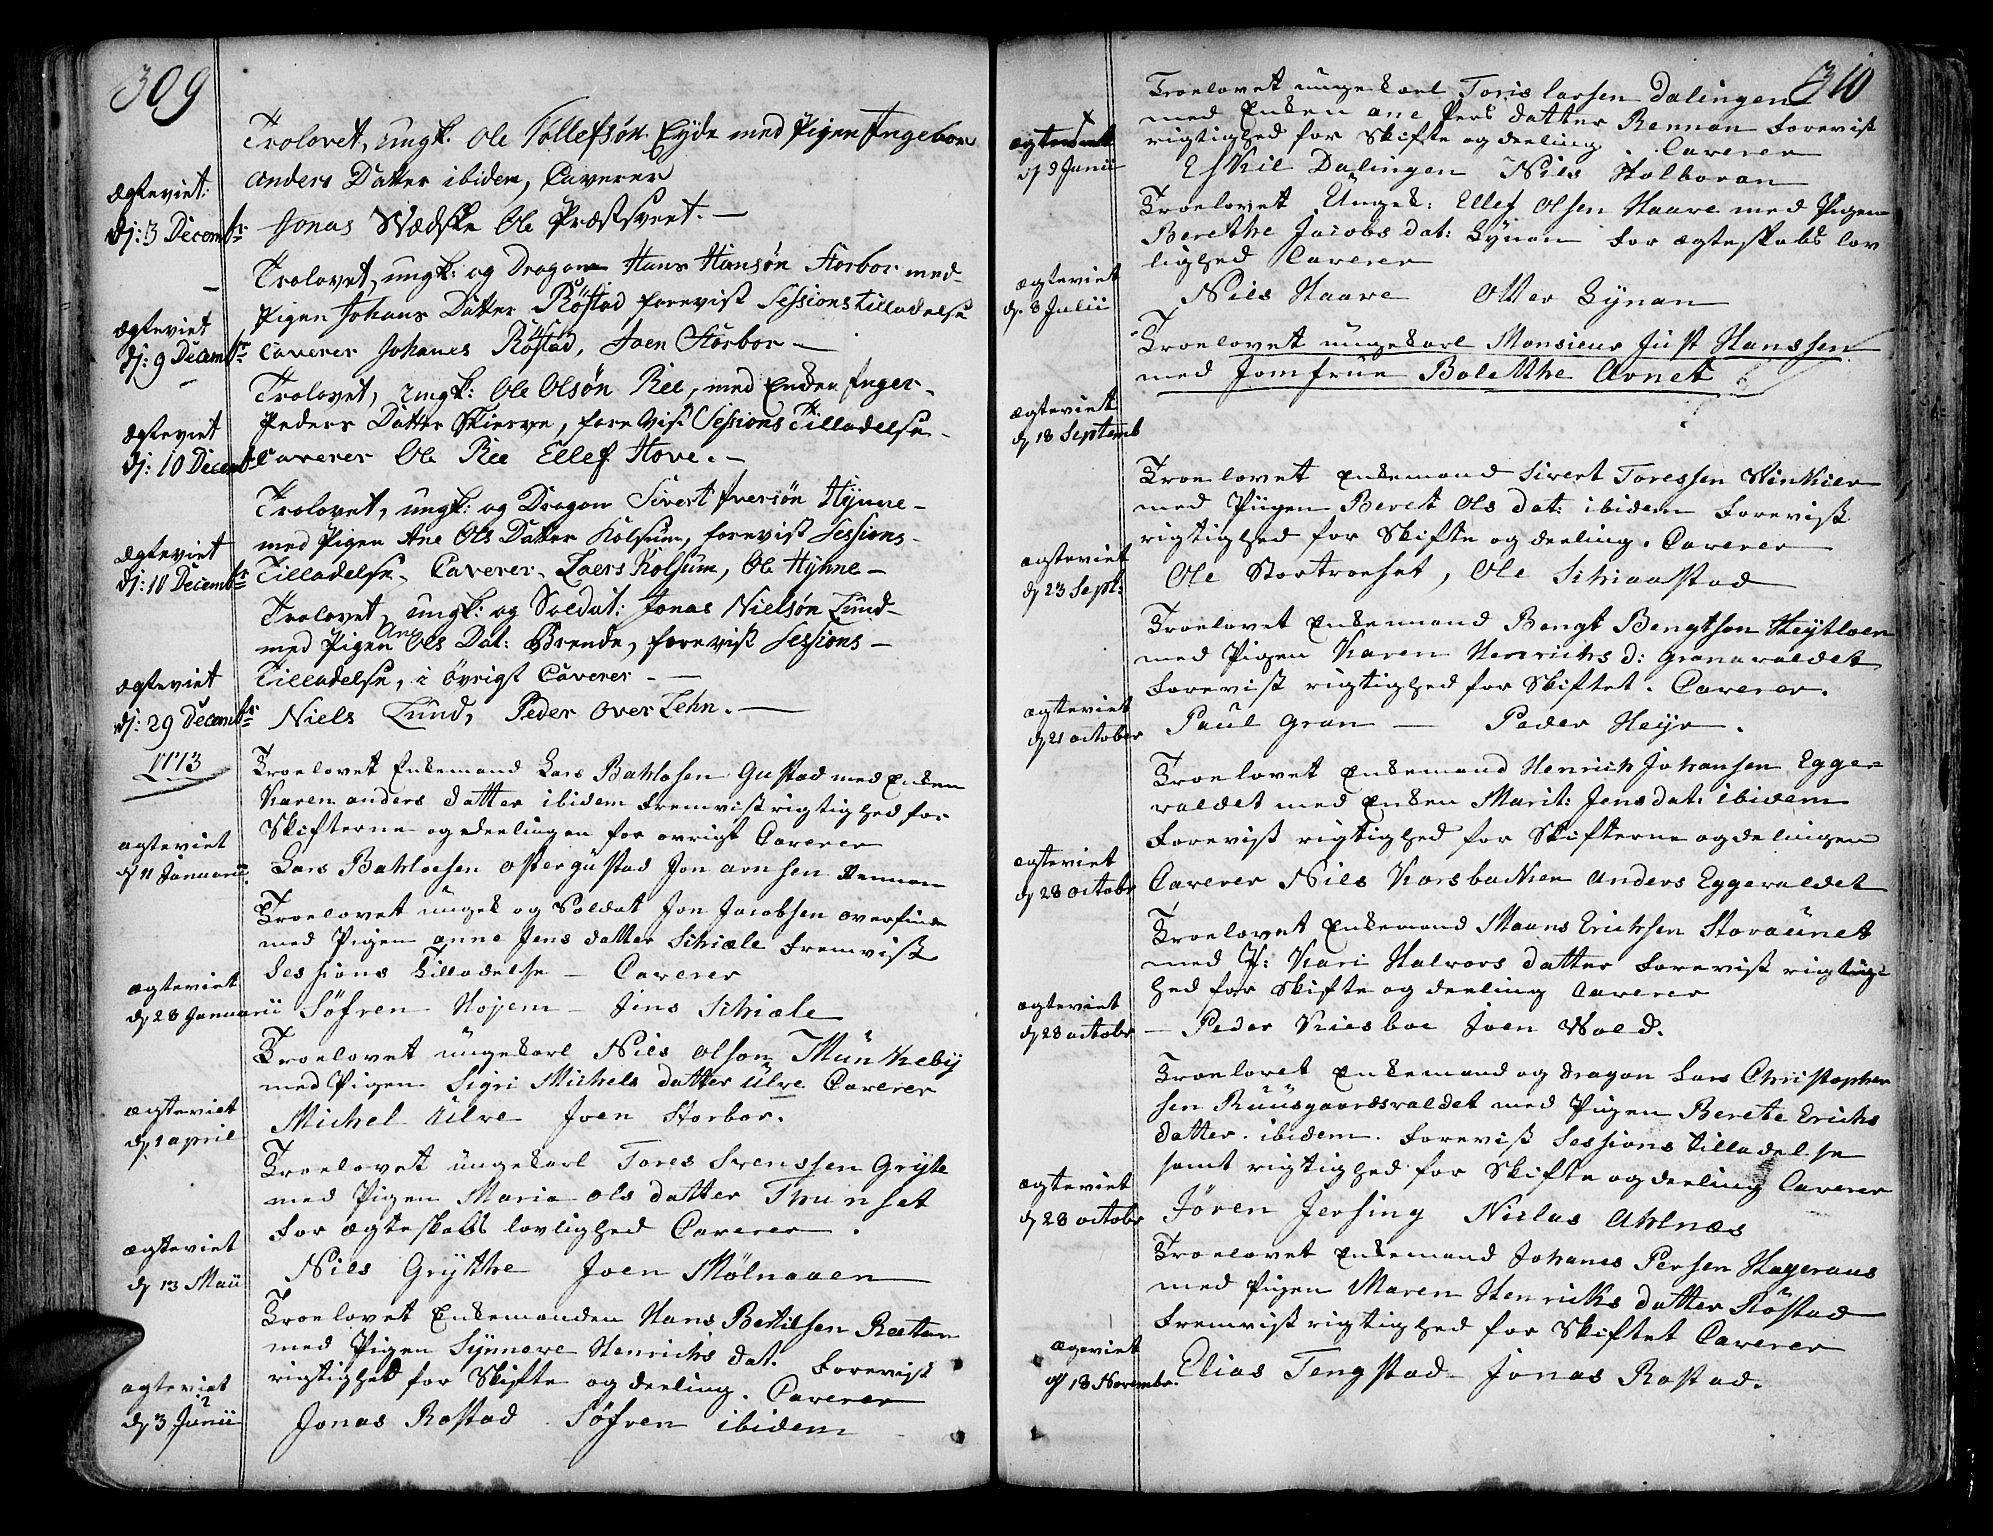 SAT, Ministerialprotokoller, klokkerbøker og fødselsregistre - Nord-Trøndelag, 717/L0141: Ministerialbok nr. 717A01, 1747-1803, s. 309-310